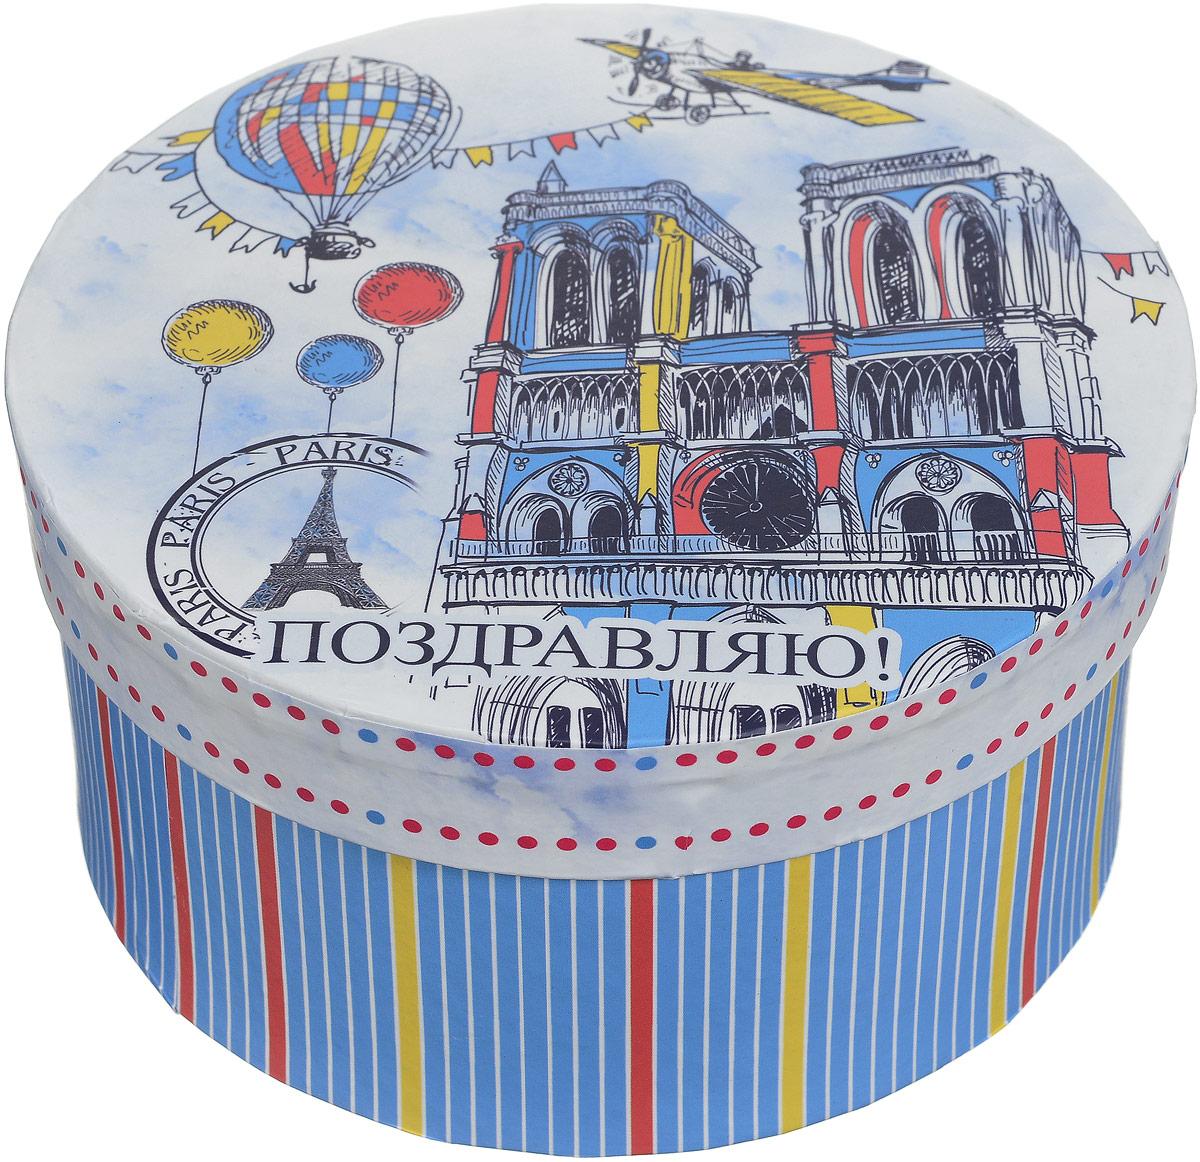 Коробка подарочная Magic Home Нотр-Дам, круглая, 14 х 14 х 7 см09840-20.000.00Подарочная коробка Magic Home Нотр-Дам, выполнена из мелованного ламинированного картона. Коробочка оформлена ярким рисунком. Изделие имеет круглую форму и закрывается крышкой с надписью Поздравляю!. Подарочная коробка - это наилучшее решение, если вы хотите порадовать близких людей и создать праздничное настроение, ведь подарок, преподнесенный в оригинальной упаковке, всегда будет самым эффектным и запоминающимся. Окружите близких людей вниманием и заботой, вручив презент в нарядном, праздничном оформлении.Плотность картона: 1100 г/м2.